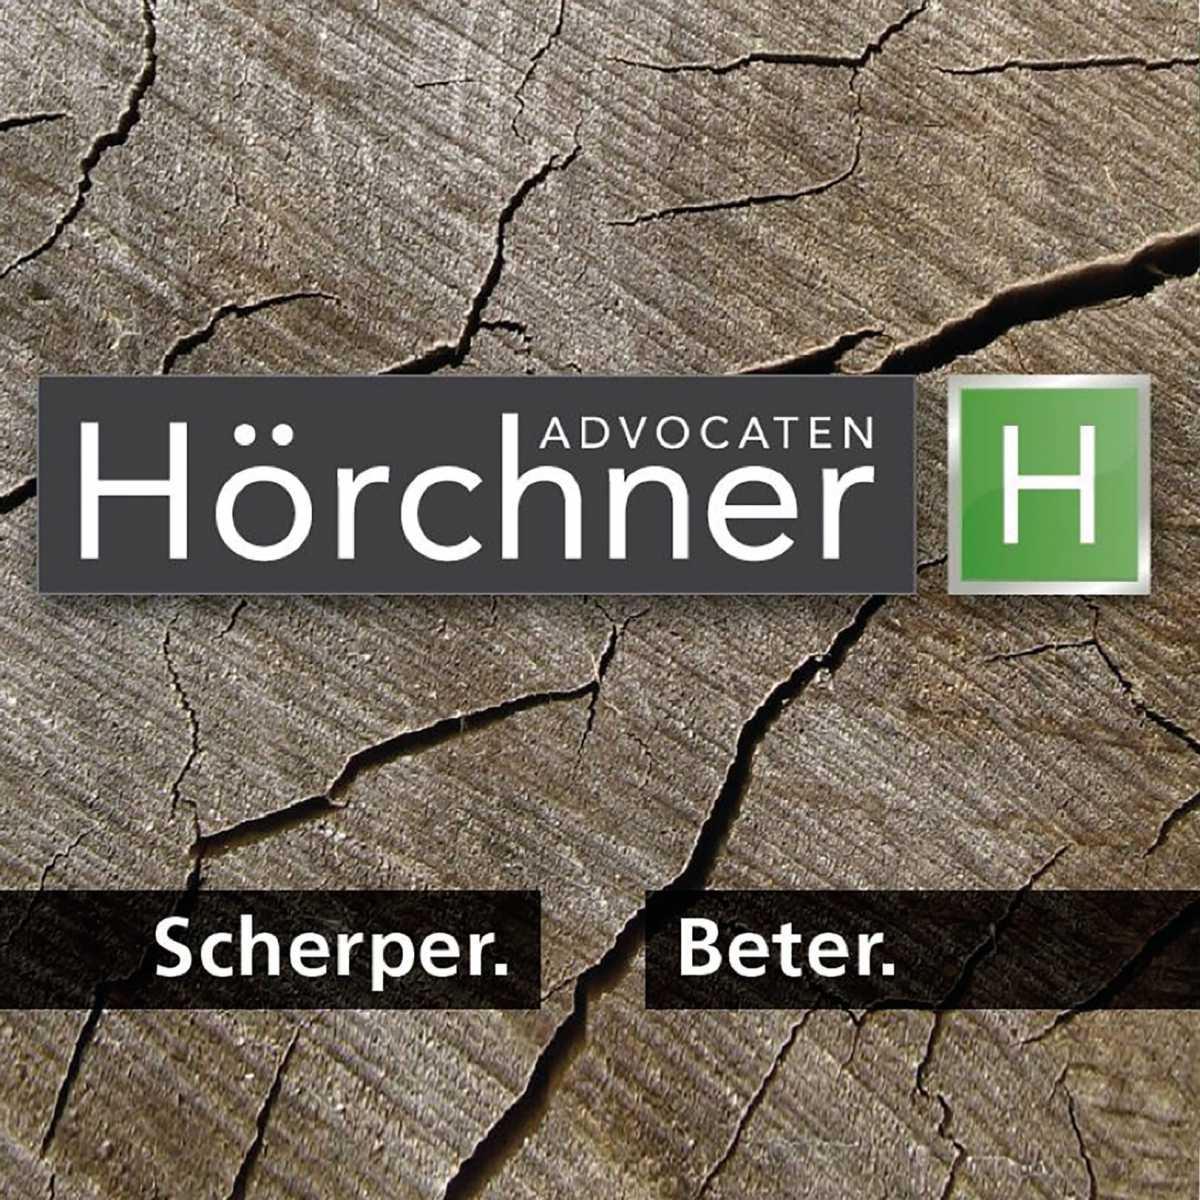 Horchner